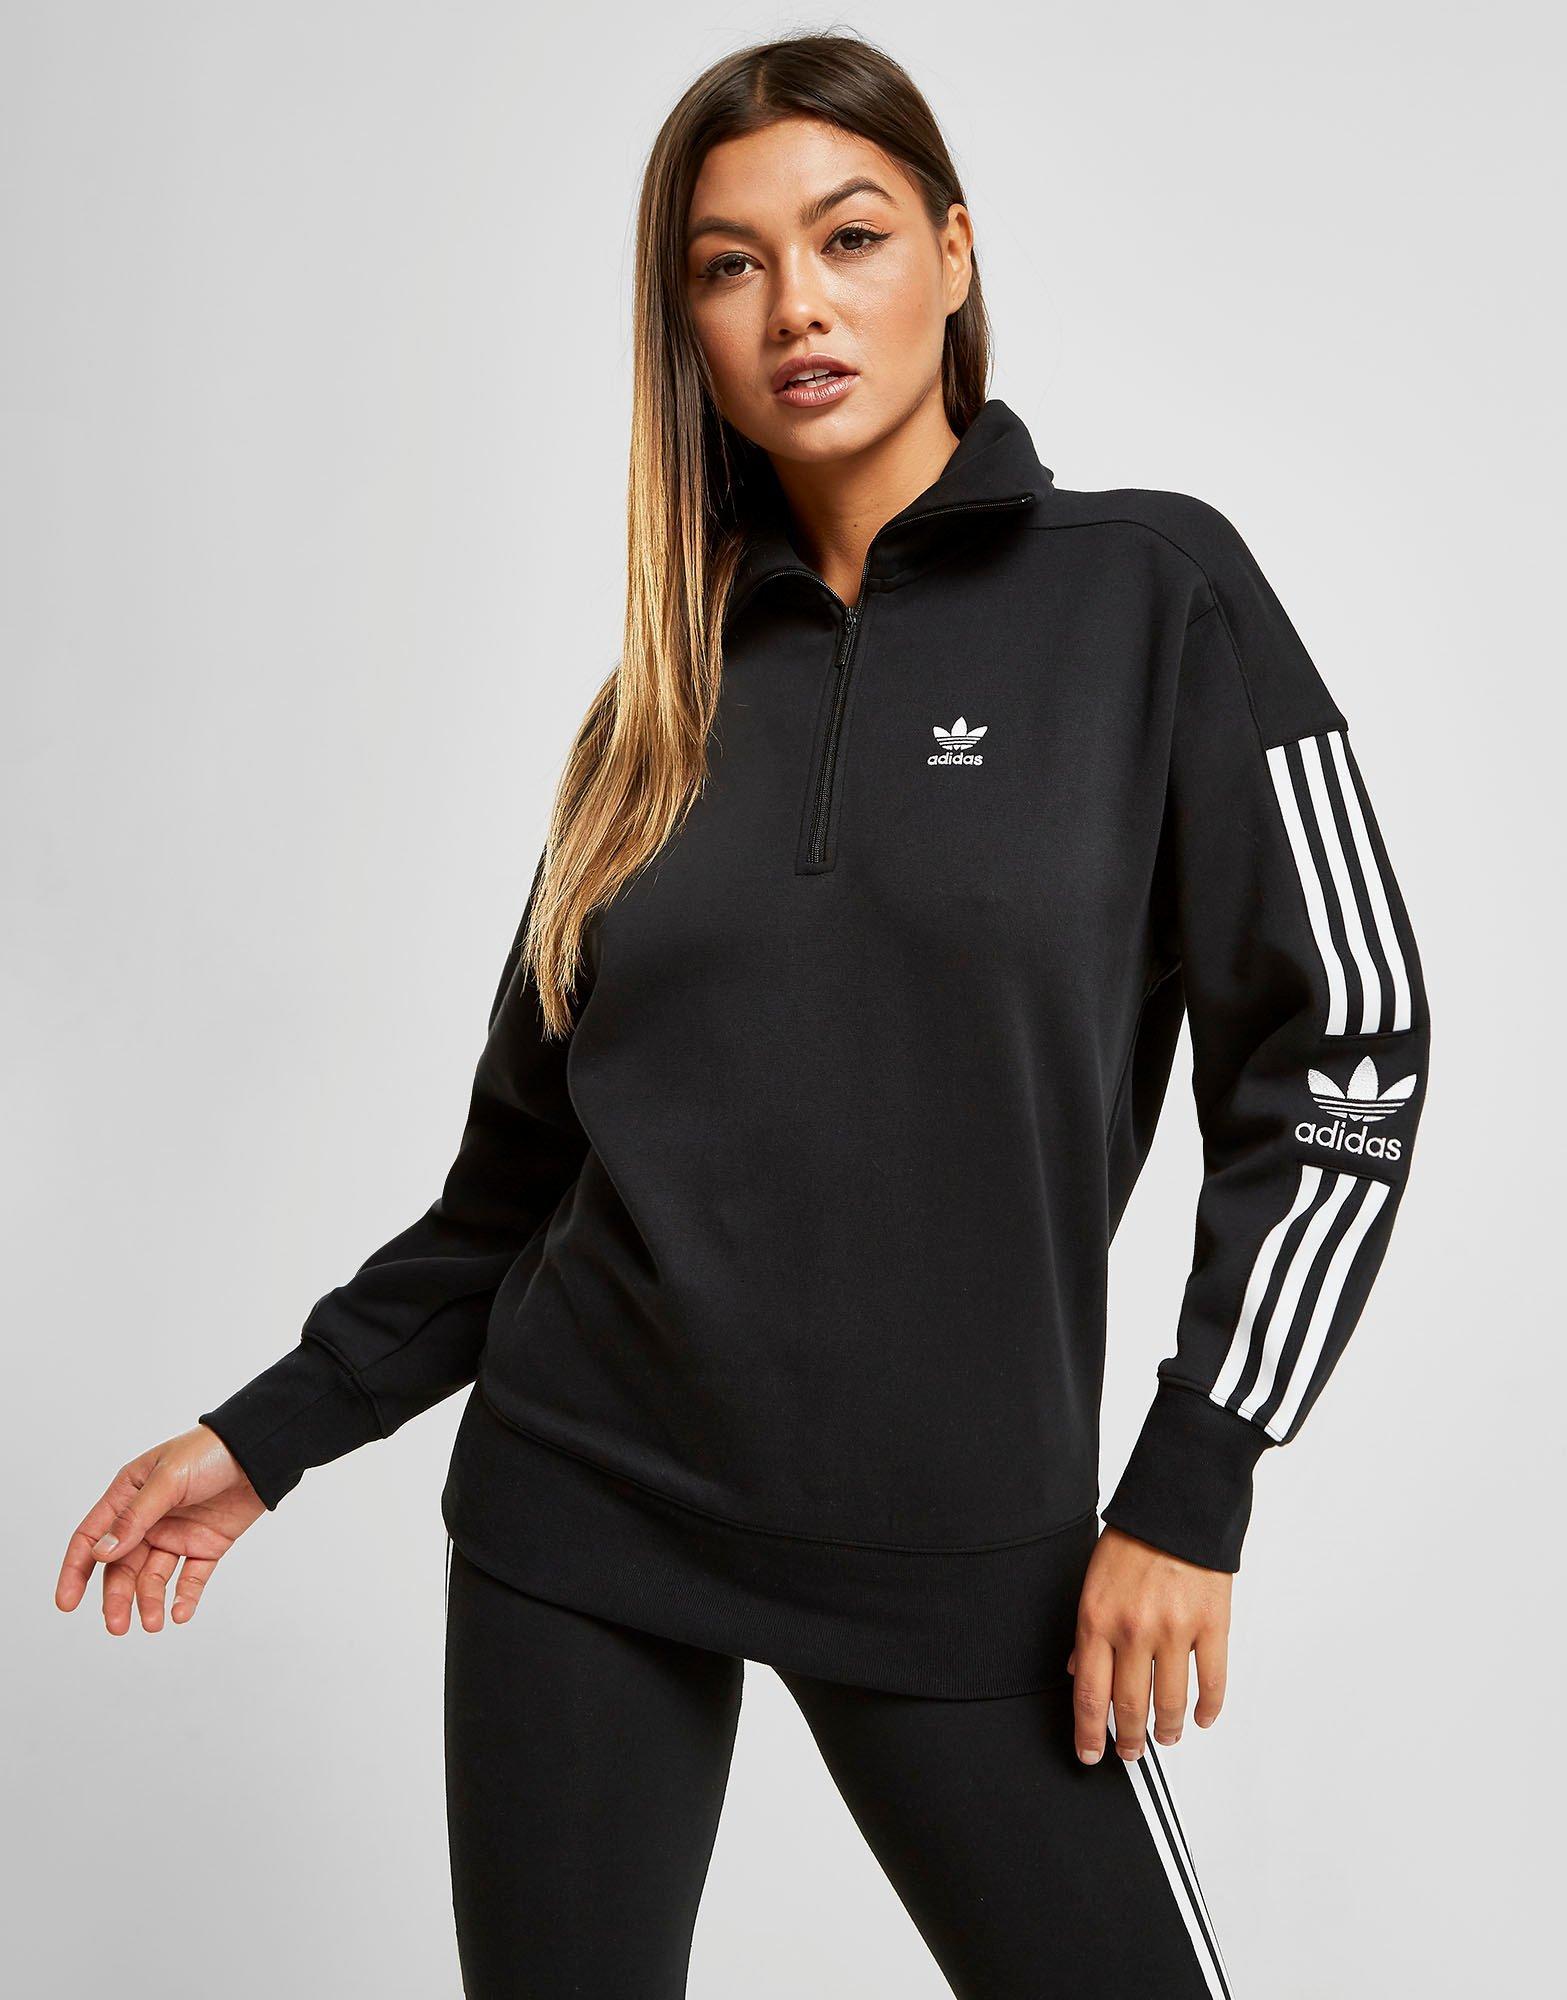 Acherter Noir adidas Originals Sweat-shirt